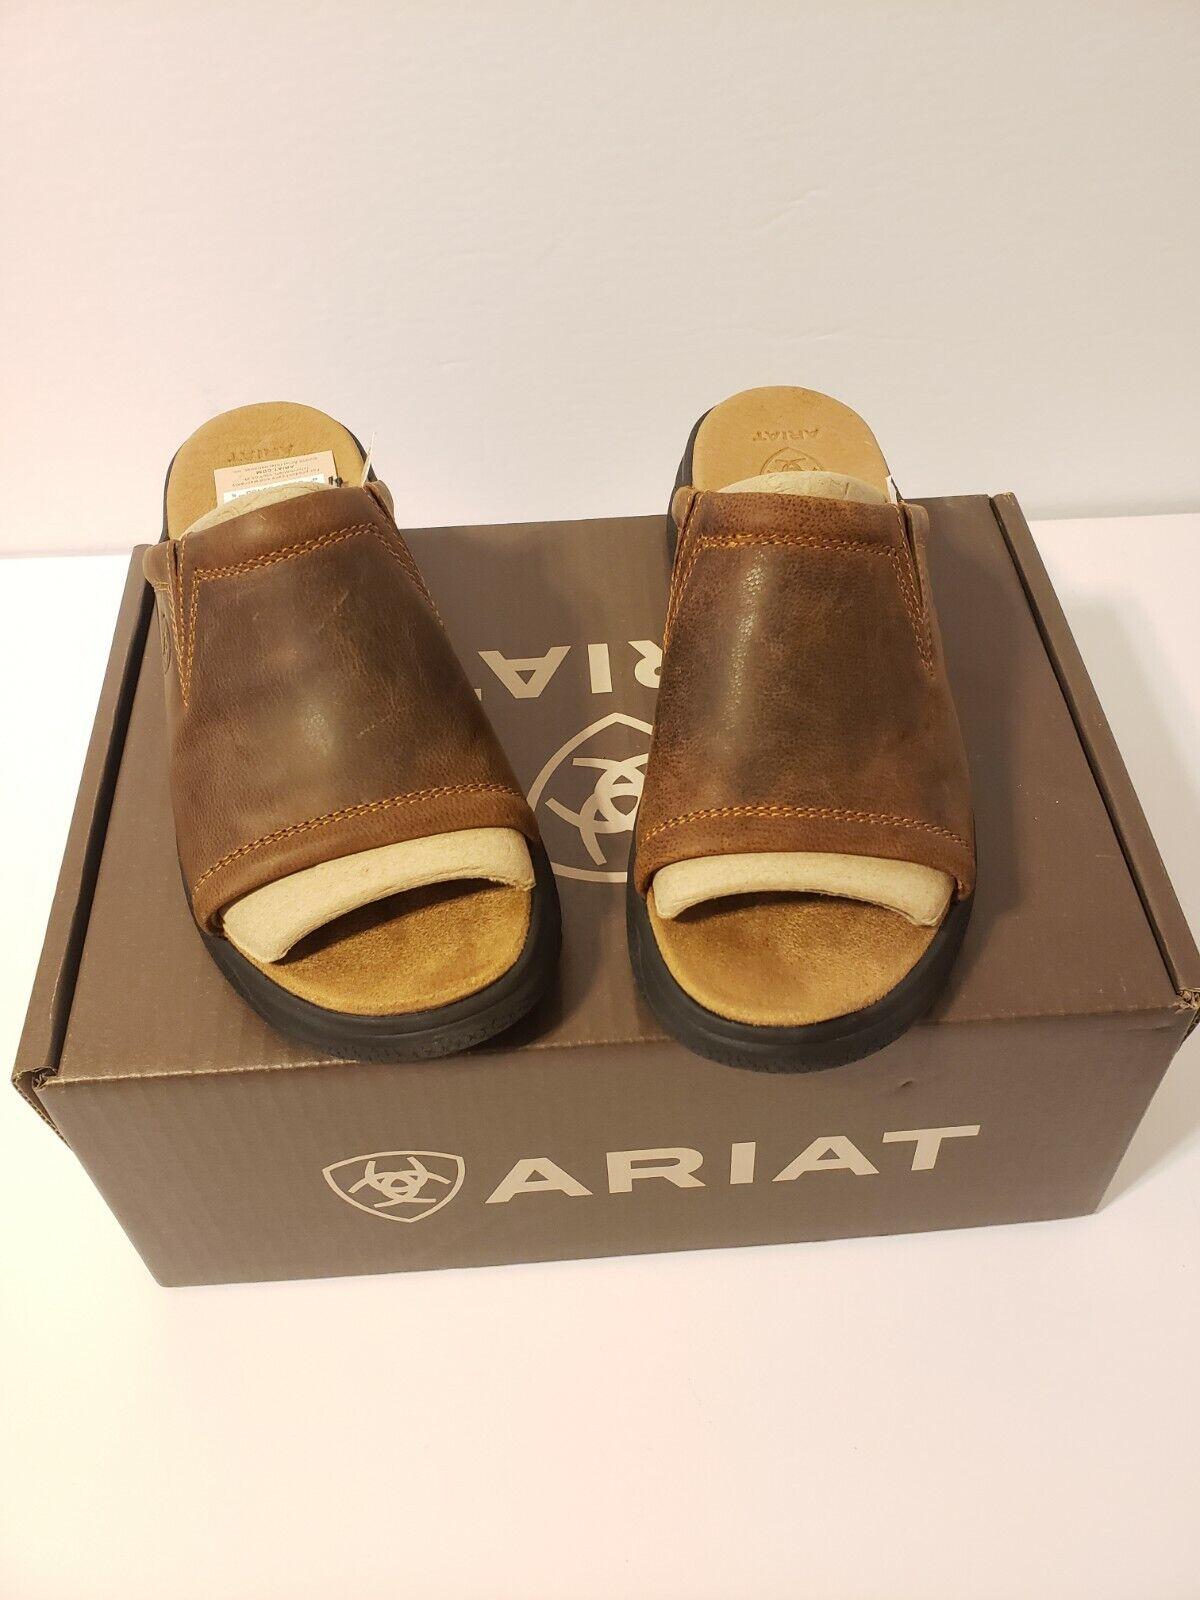 New in Box-Ariat Bridgeport Sandales en cuir marron diapositives pour femme Taille 6.5